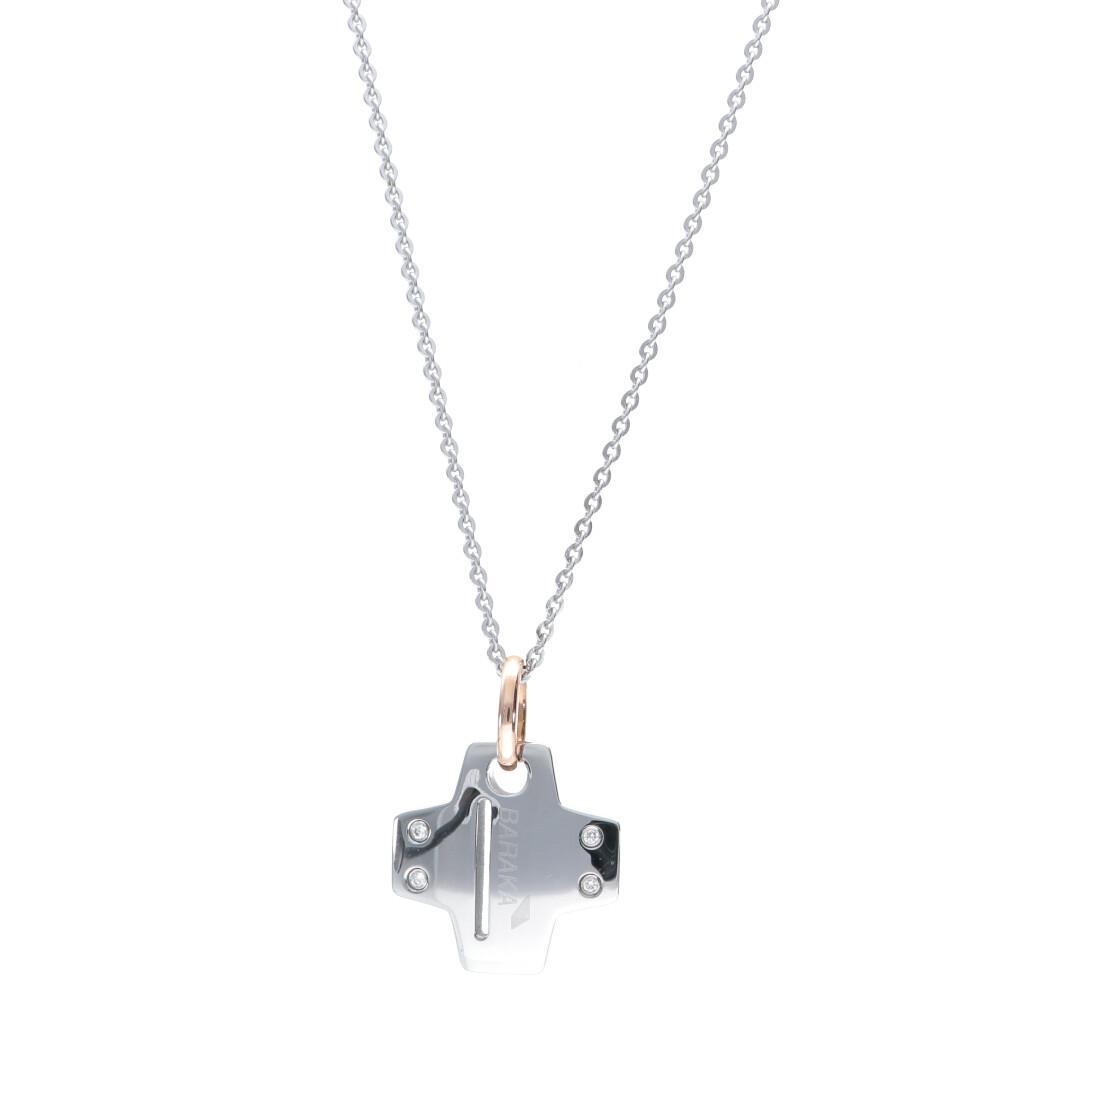 Collana da uomo in oro e acciaio con diamanti bianchi ct 0.08, lunghezza 54cm - BARAKA